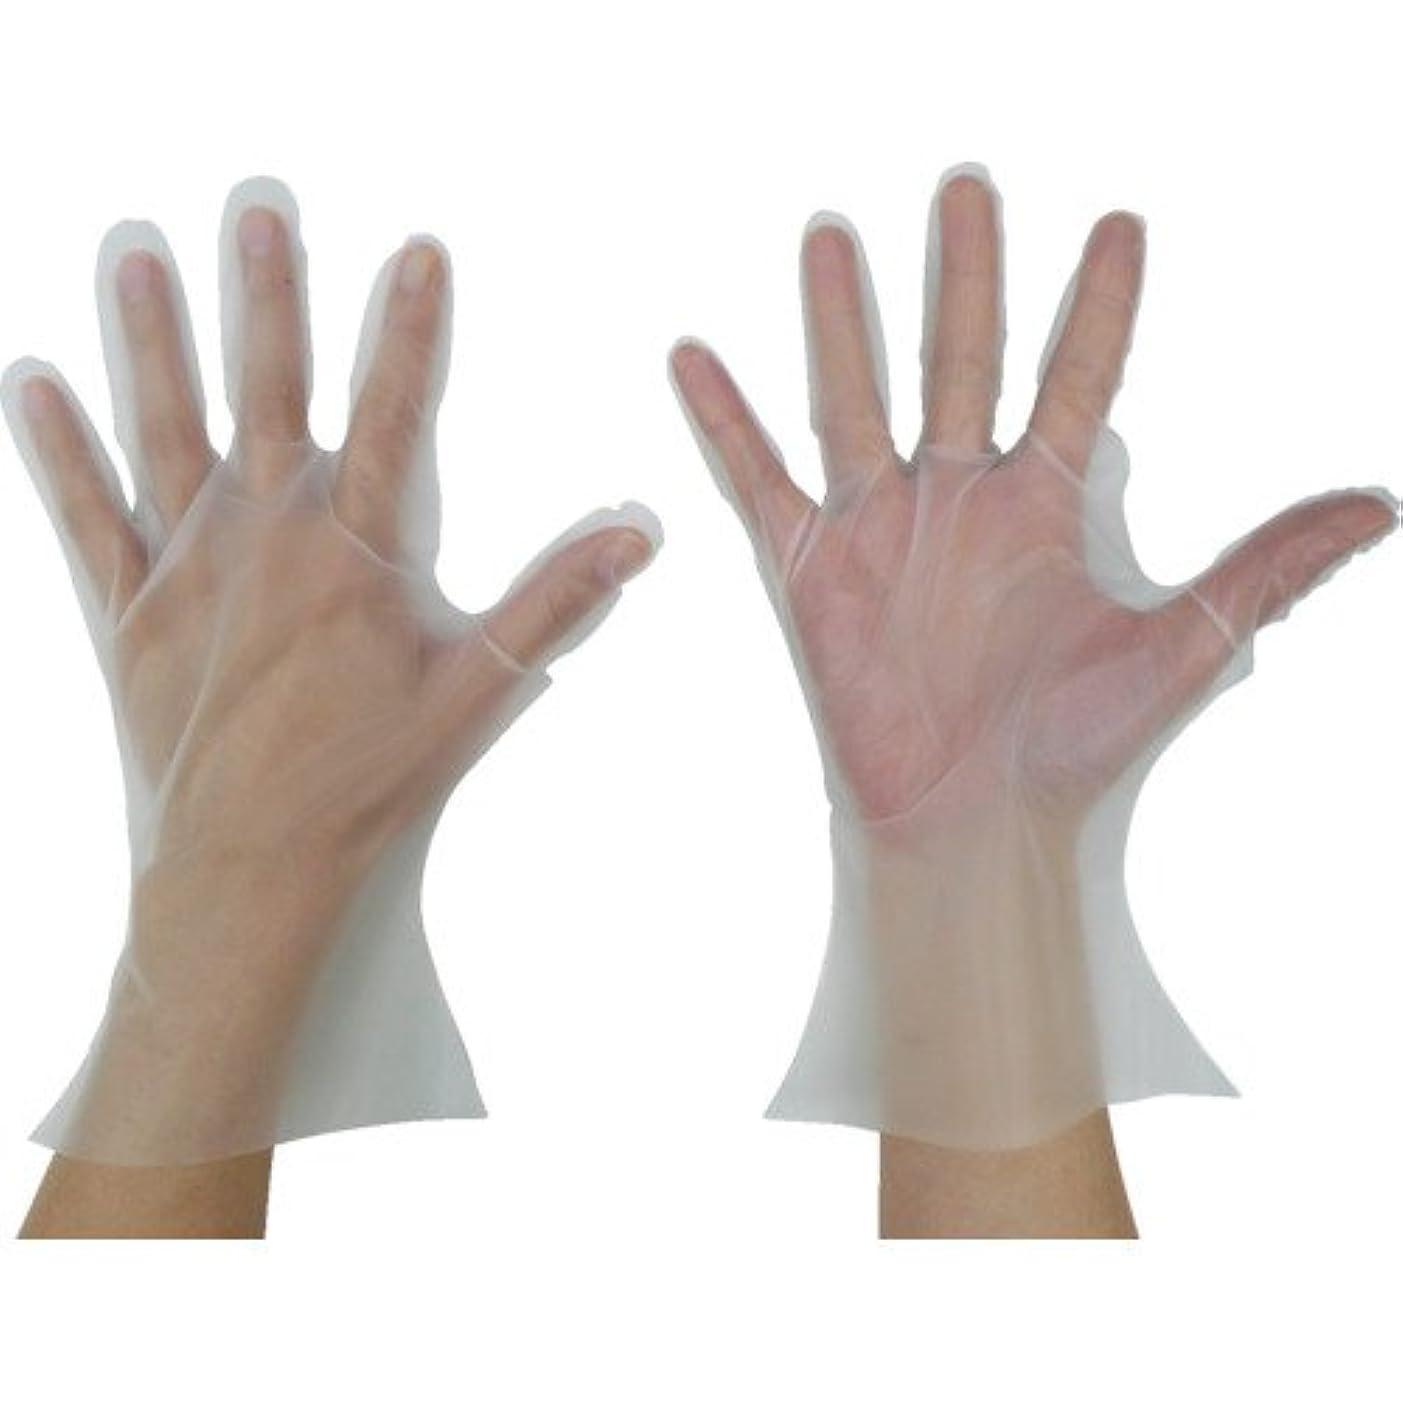 均等に分散抵抗する東京パック マイジャストグローブエコノミー化粧箱ML 半透明(入数:200枚) MJEK-ML